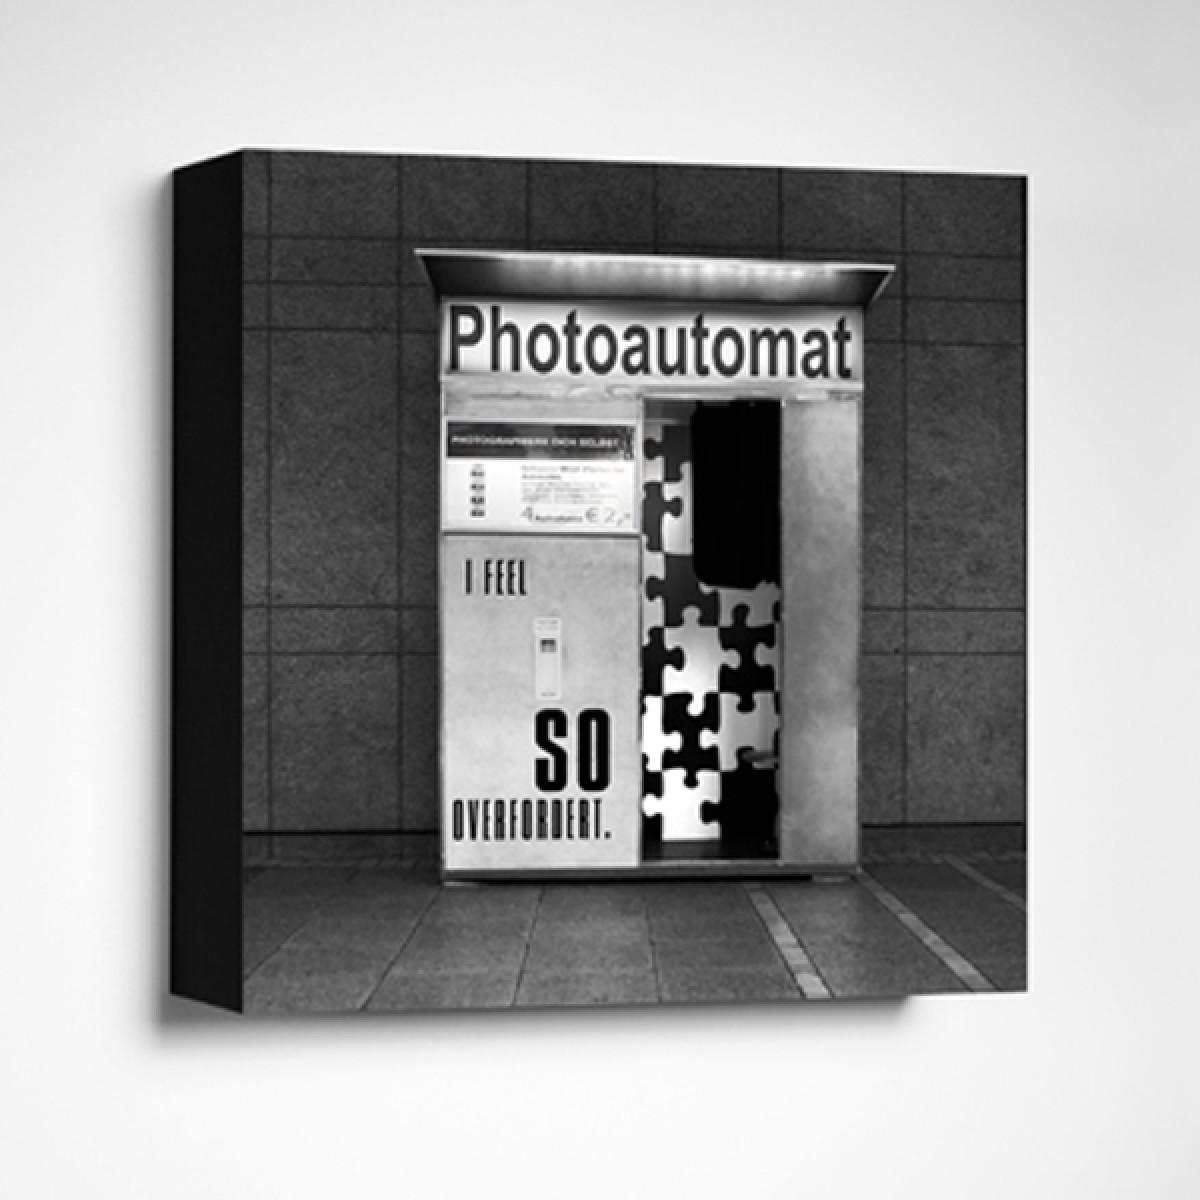 FrankfurterBubbSO OVERFORDERTLimited Edition schwarz-weißFoto-Kachel